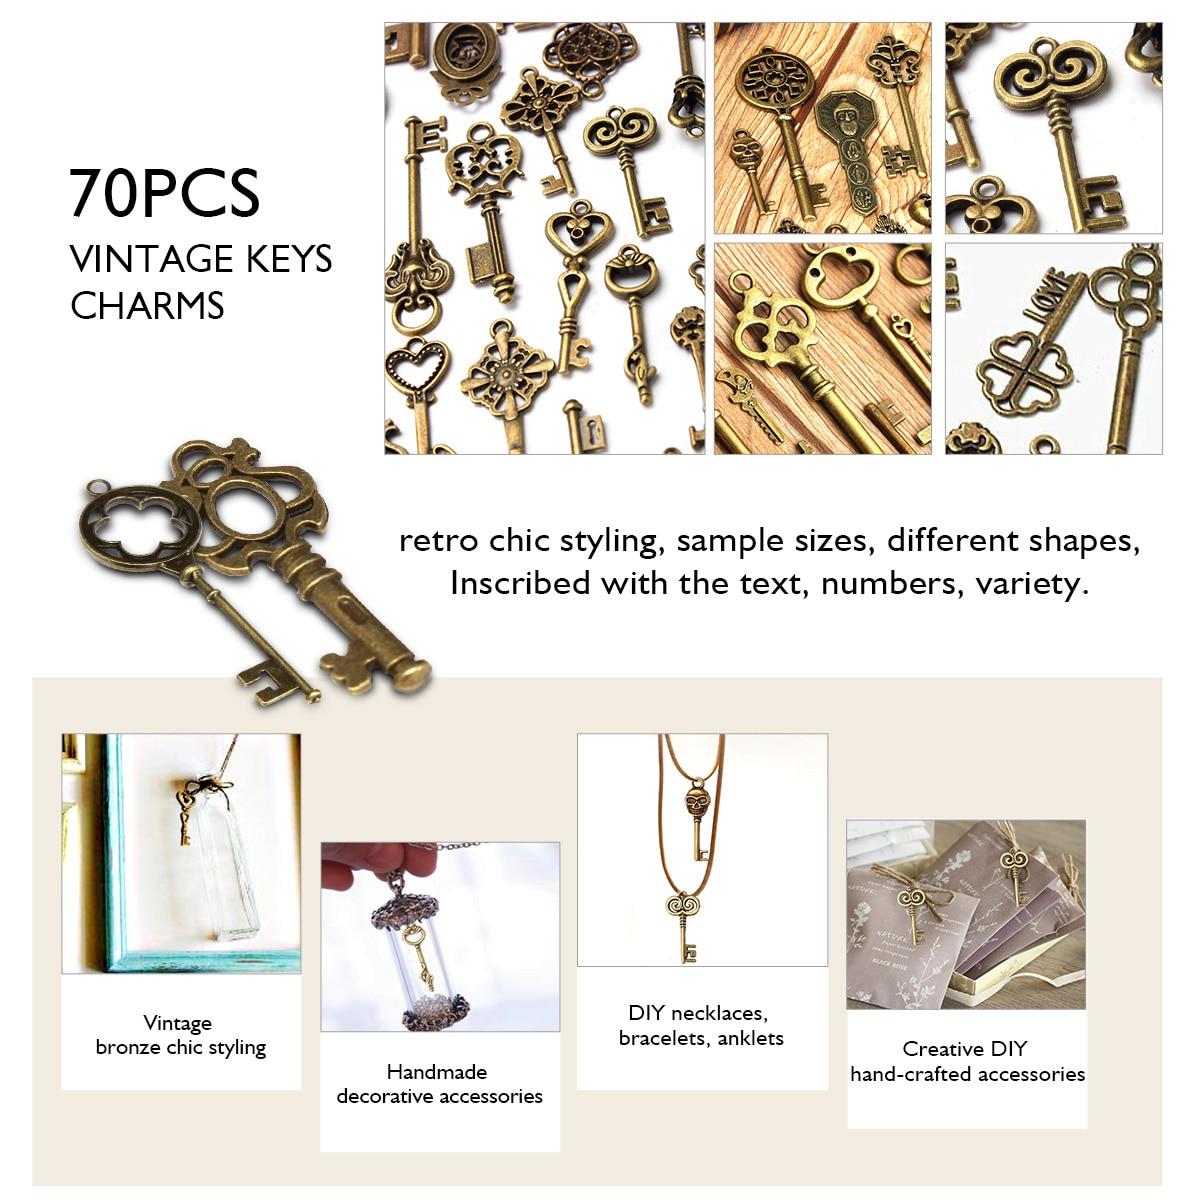 DIY 1 Set of 70 Antique Retro Vintage Old Look Bronze Keys Fancy Heart Bow Pendant Large Skeleton Antique Bronze Vintage Key